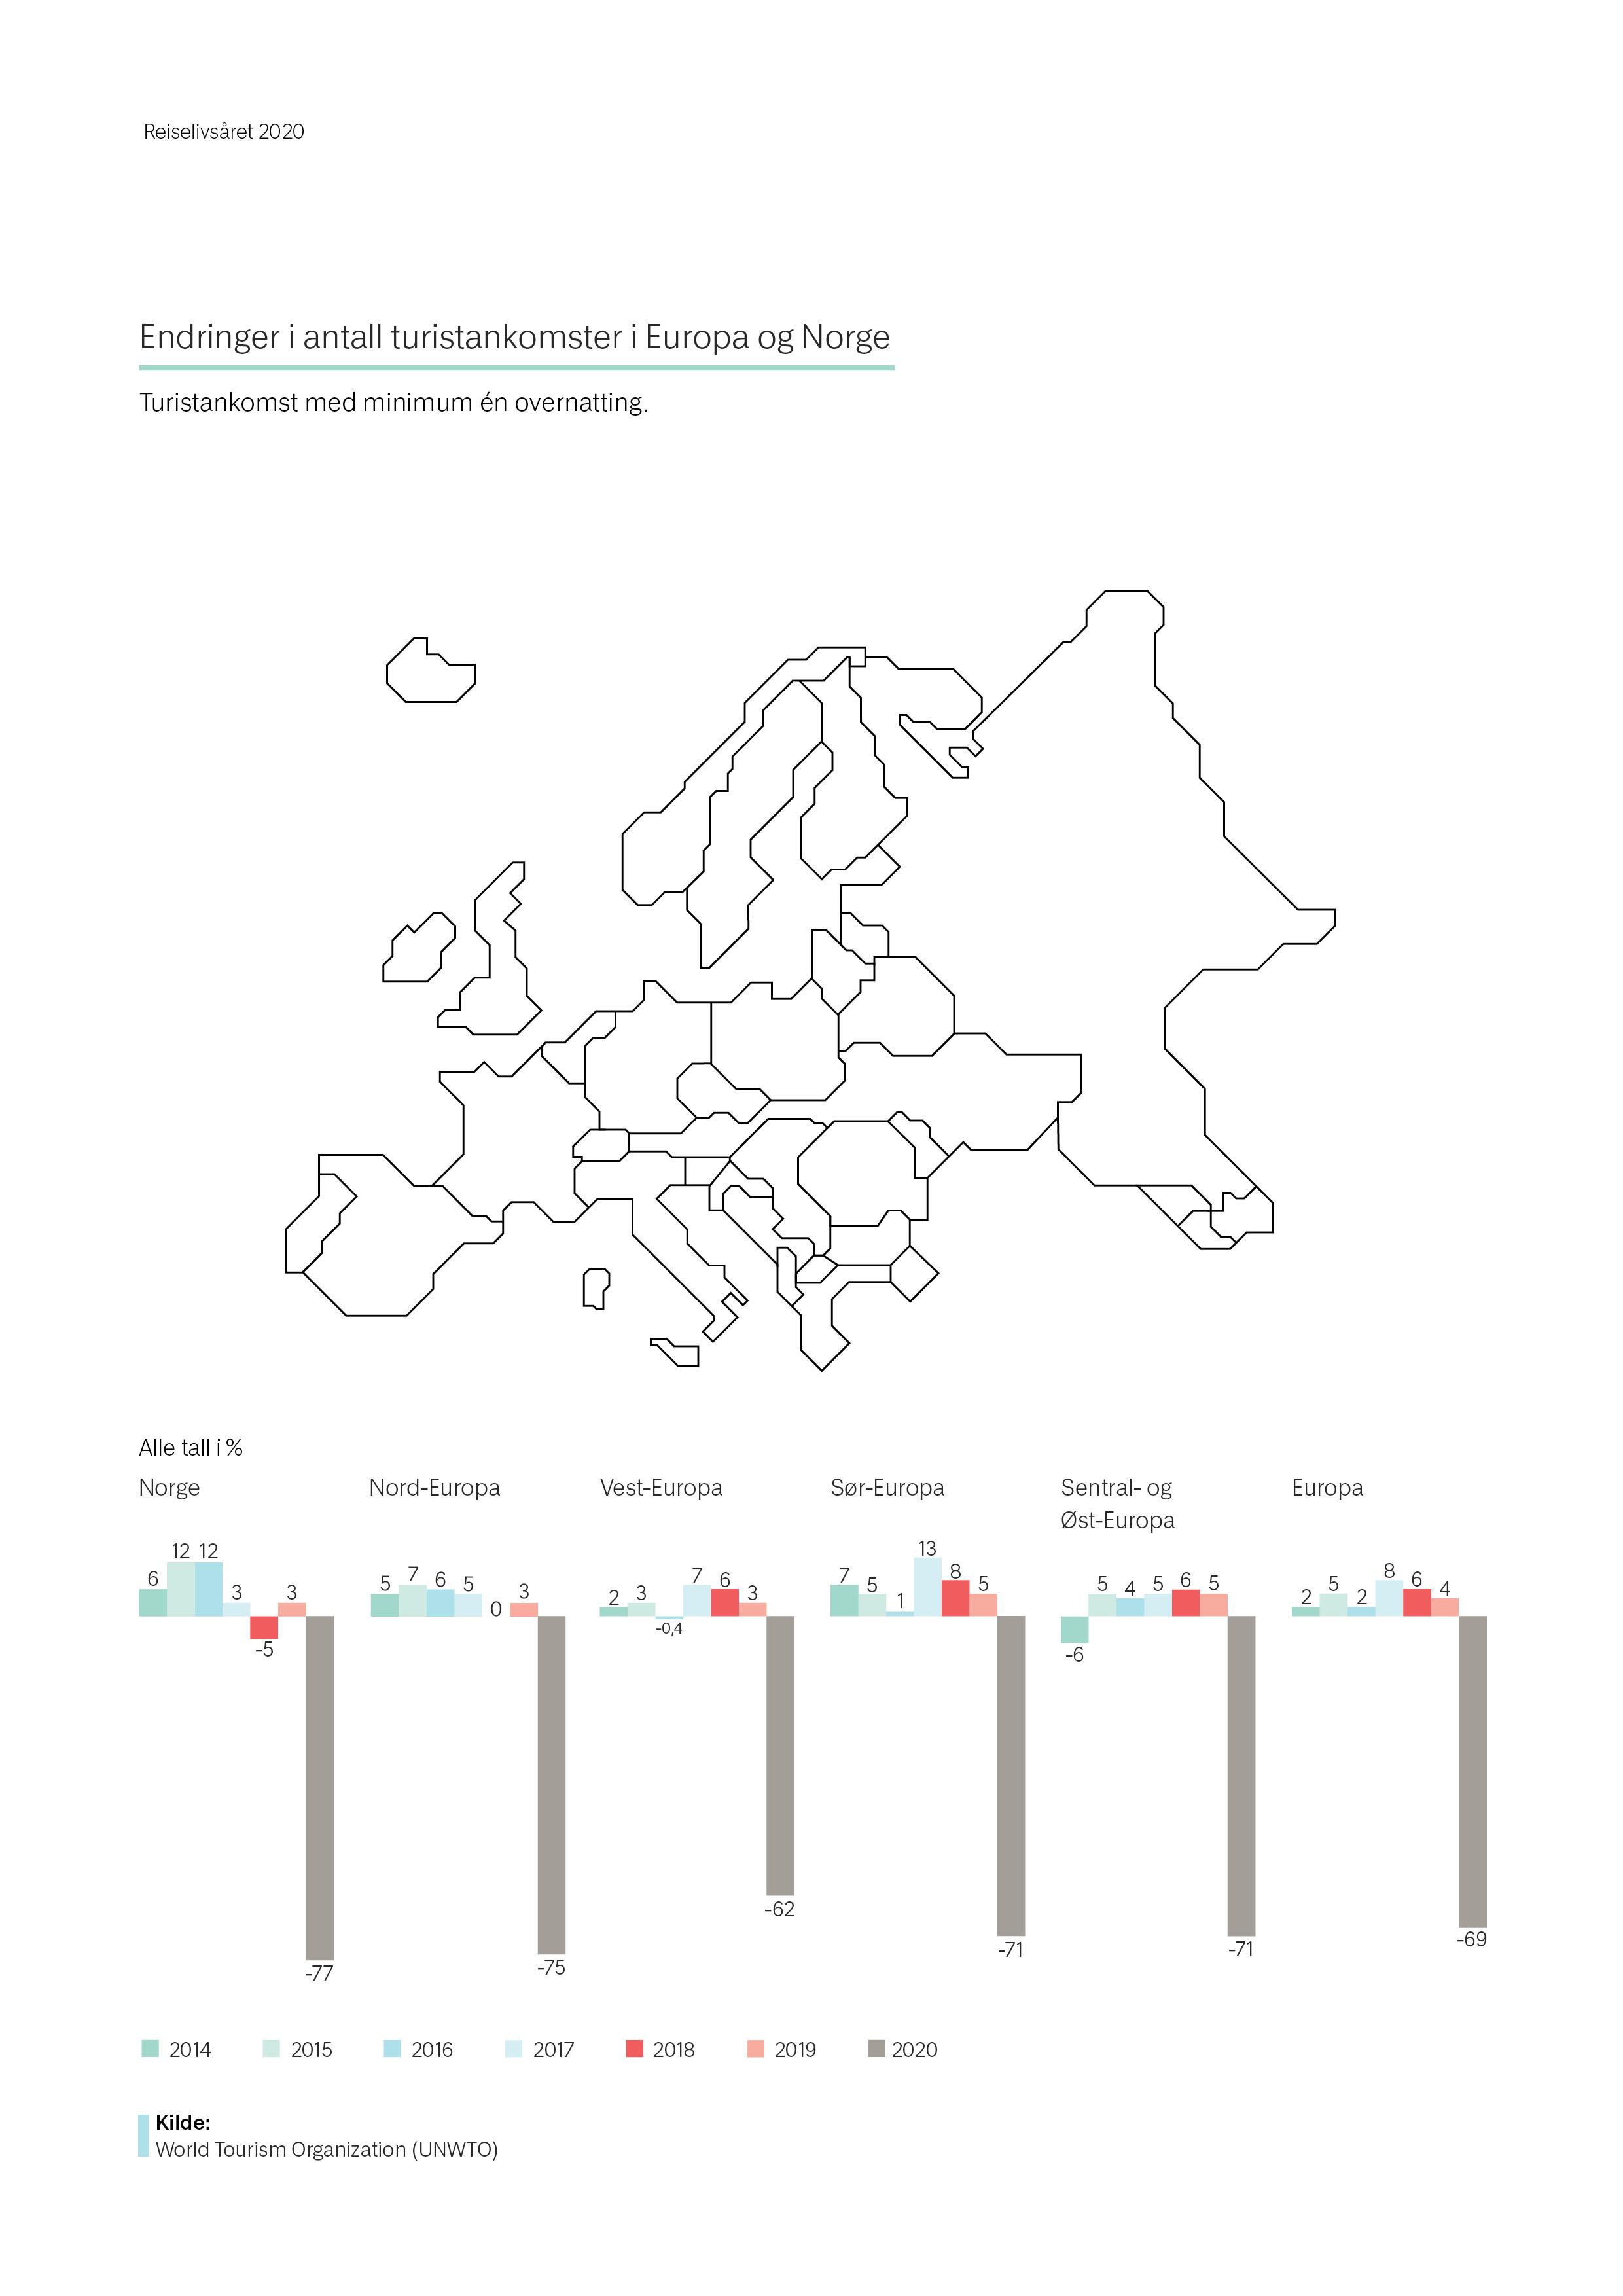 Endringer i antall turistankomster i verden